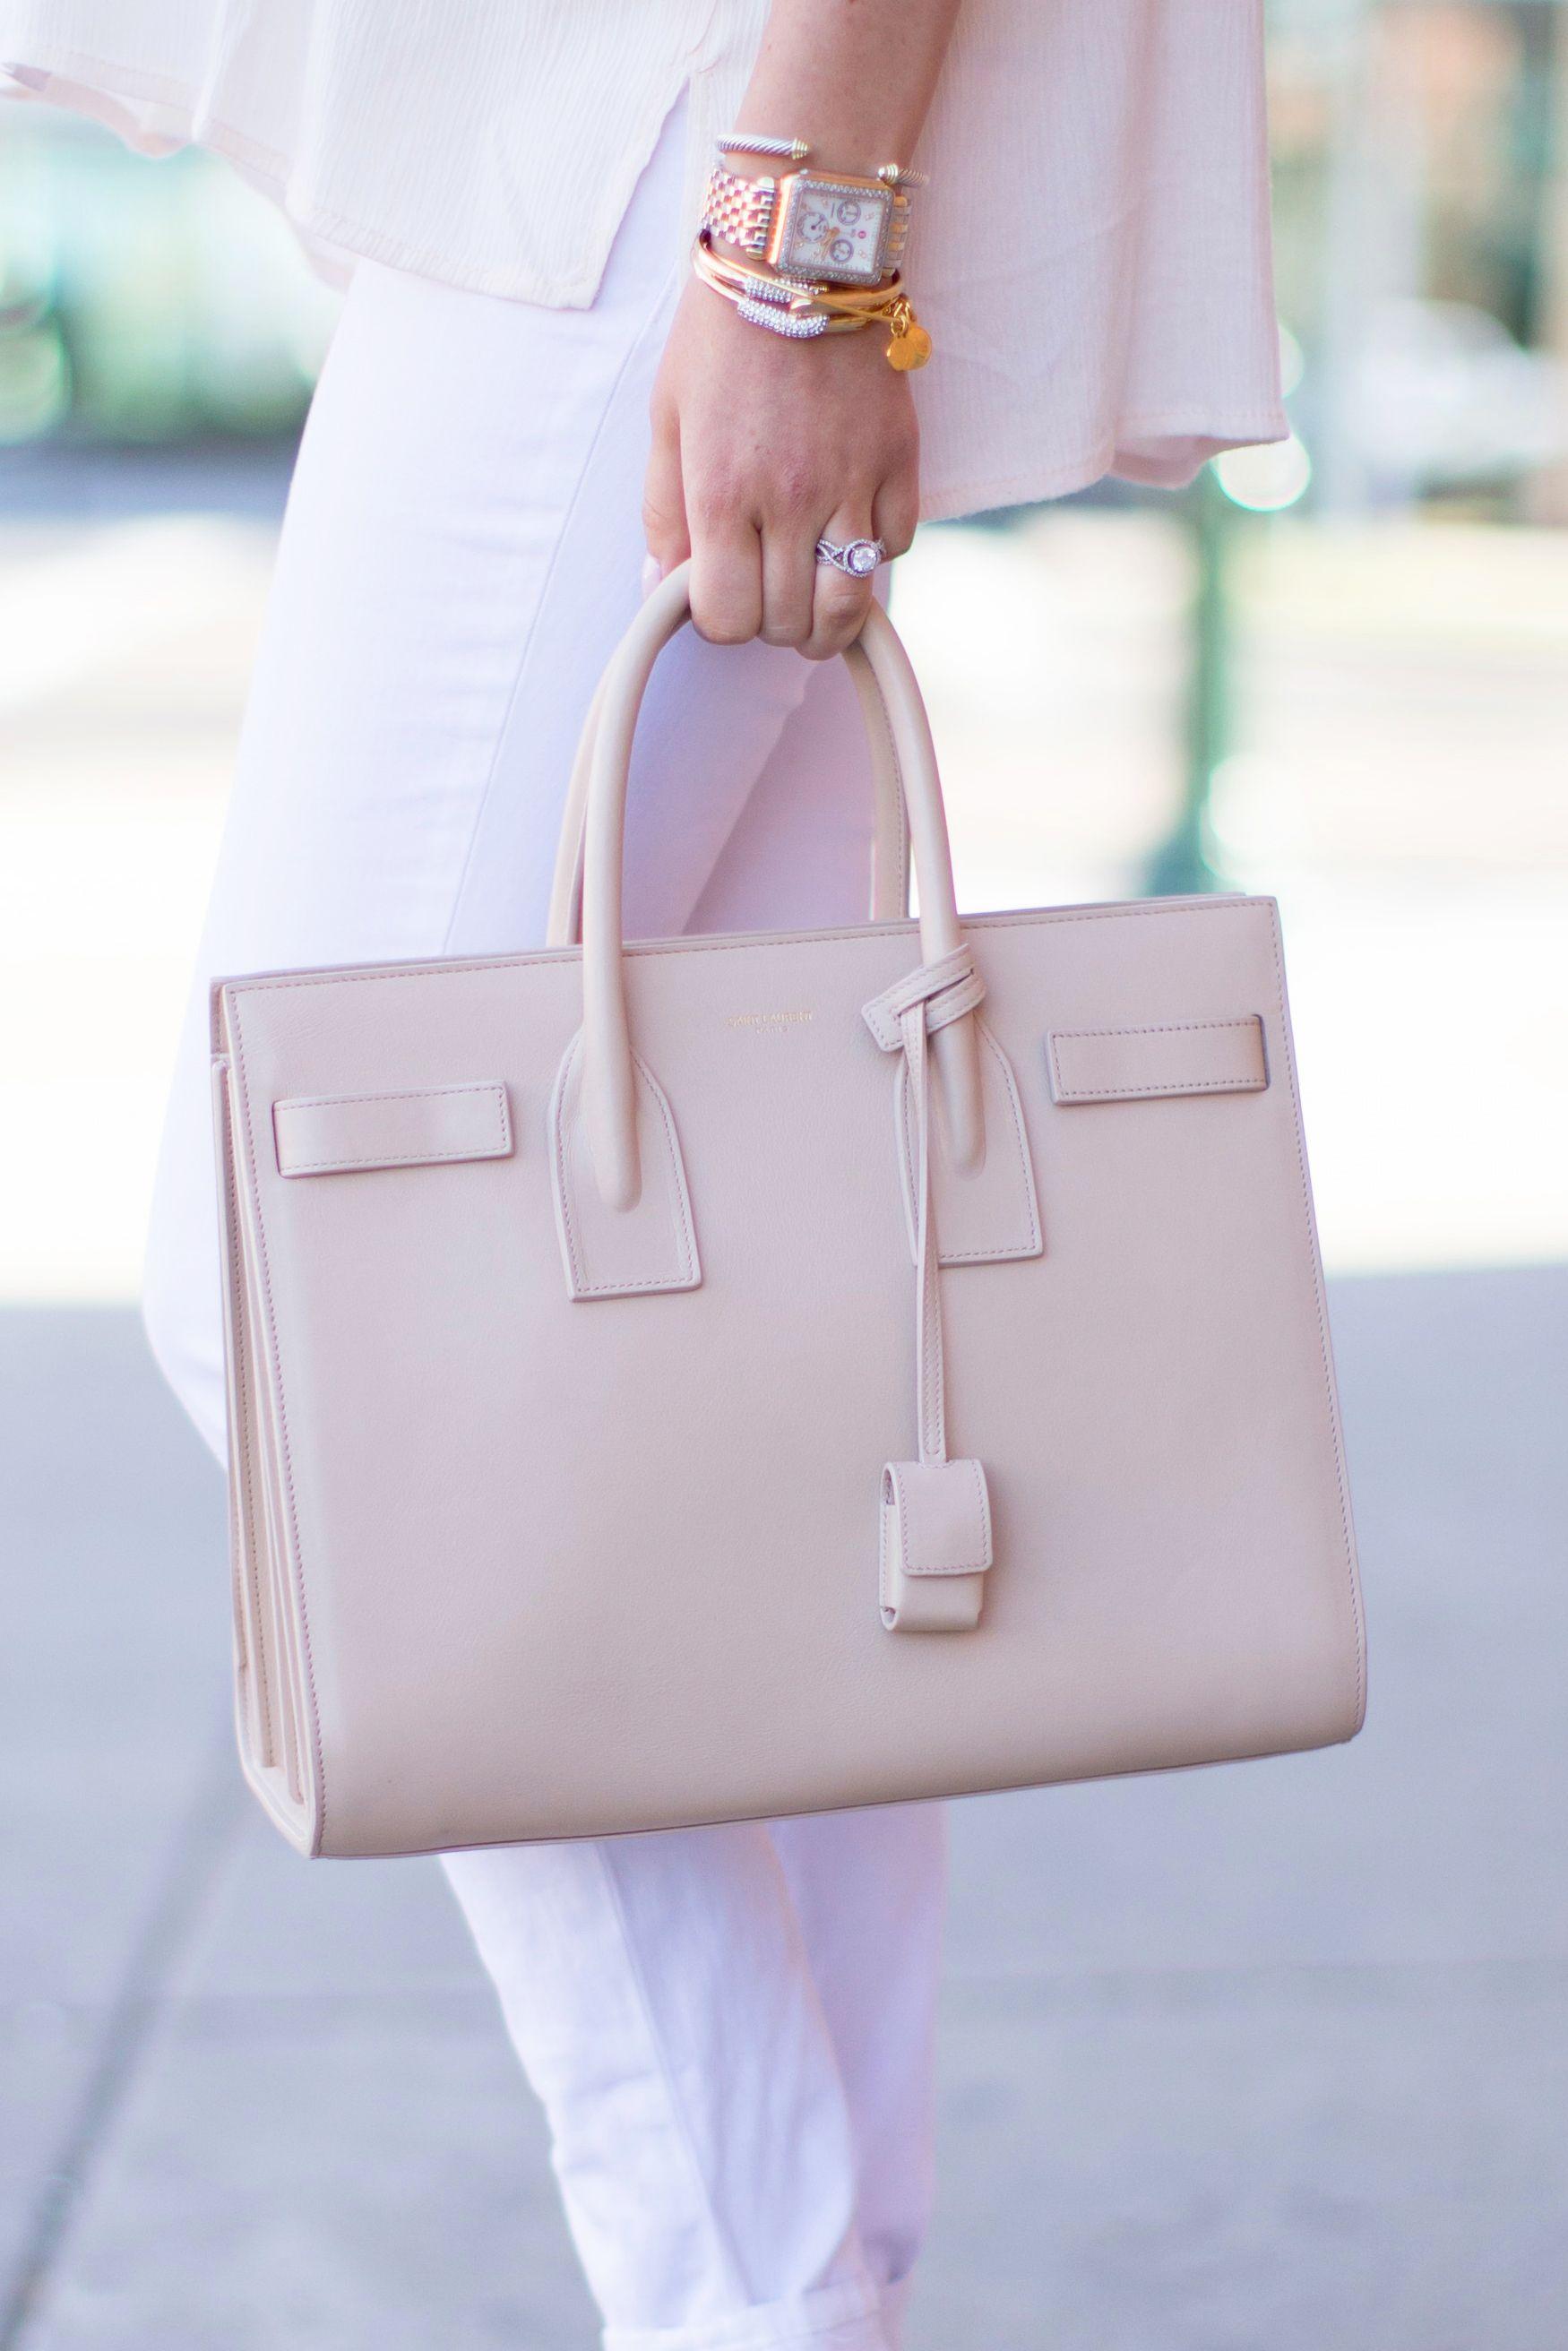 e2184f65bb17 saint laurent sac de jour nude handbag.  women  fashion outfit  clothing  style apparel  roressclothes closet ideas